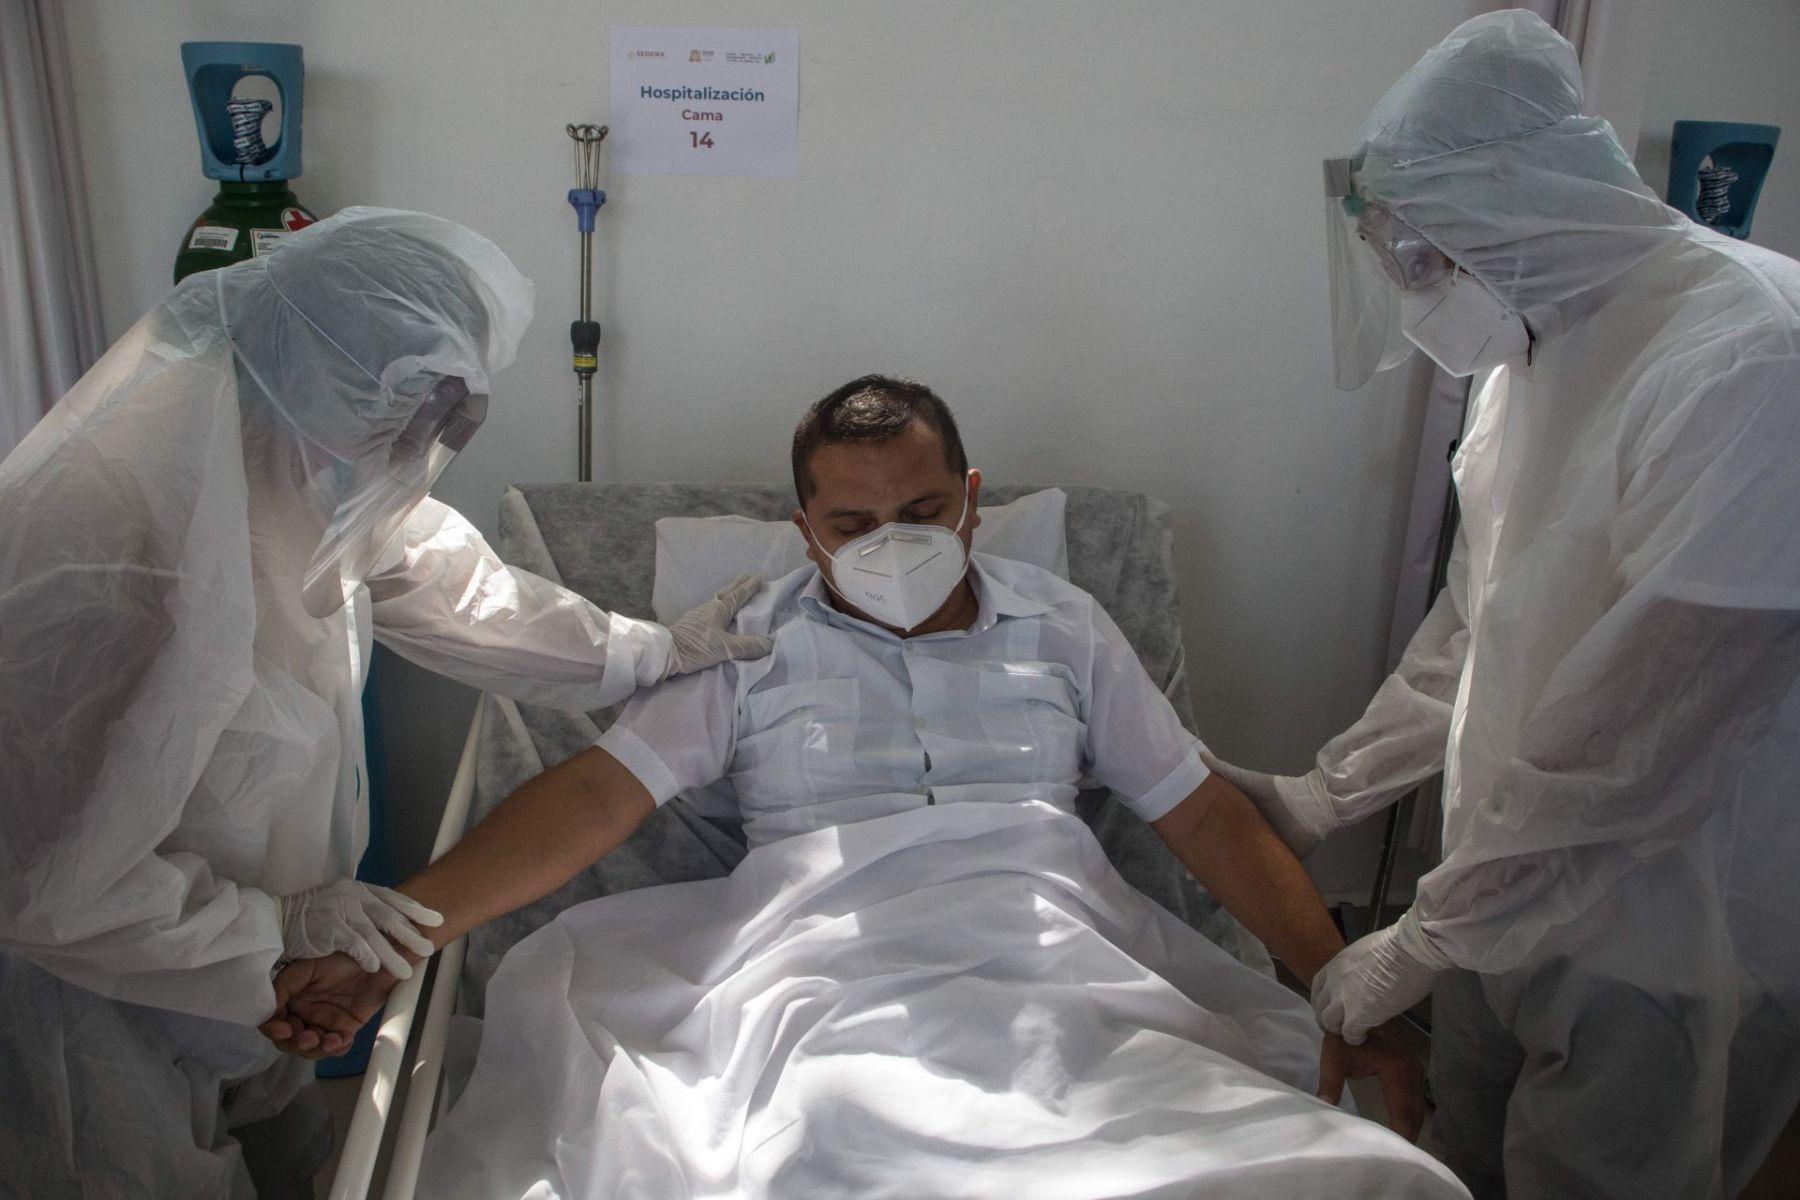 Pátzcuaro registra 5 casos más de COVID